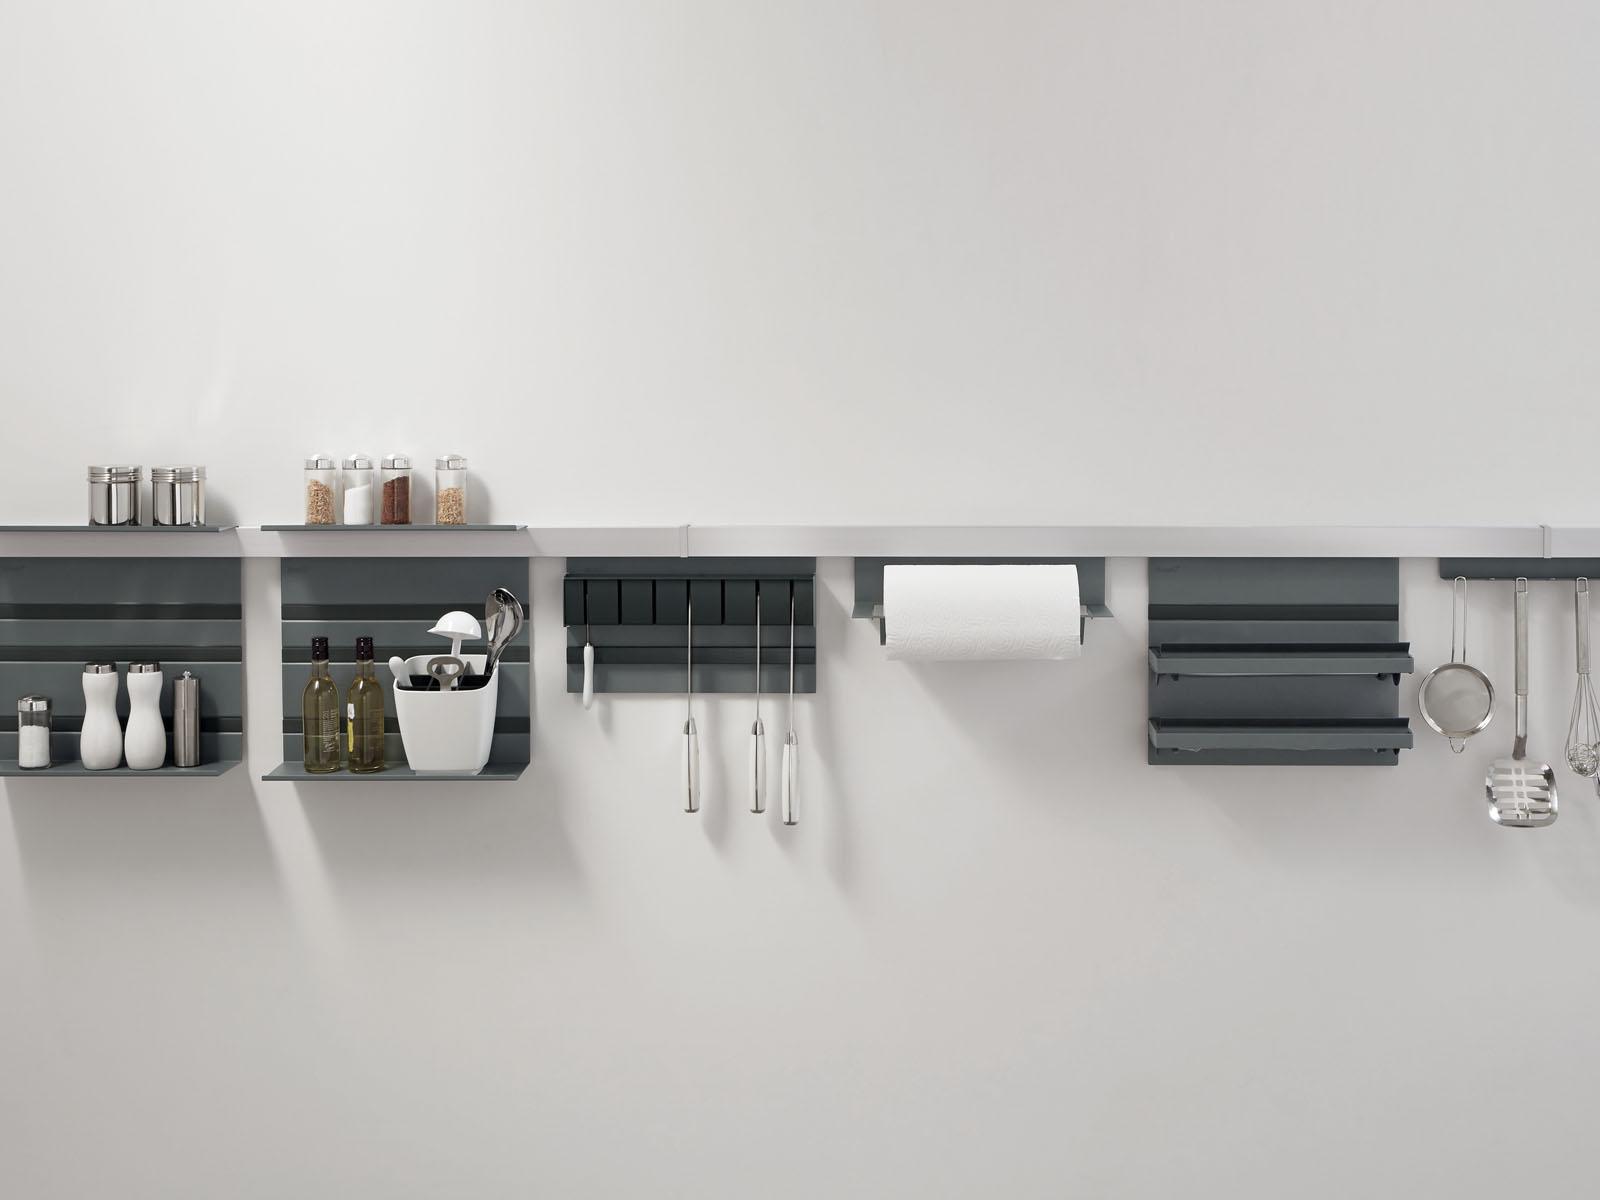 Küche Einbausteckdose mit schöne stil für ihr haus design ideen